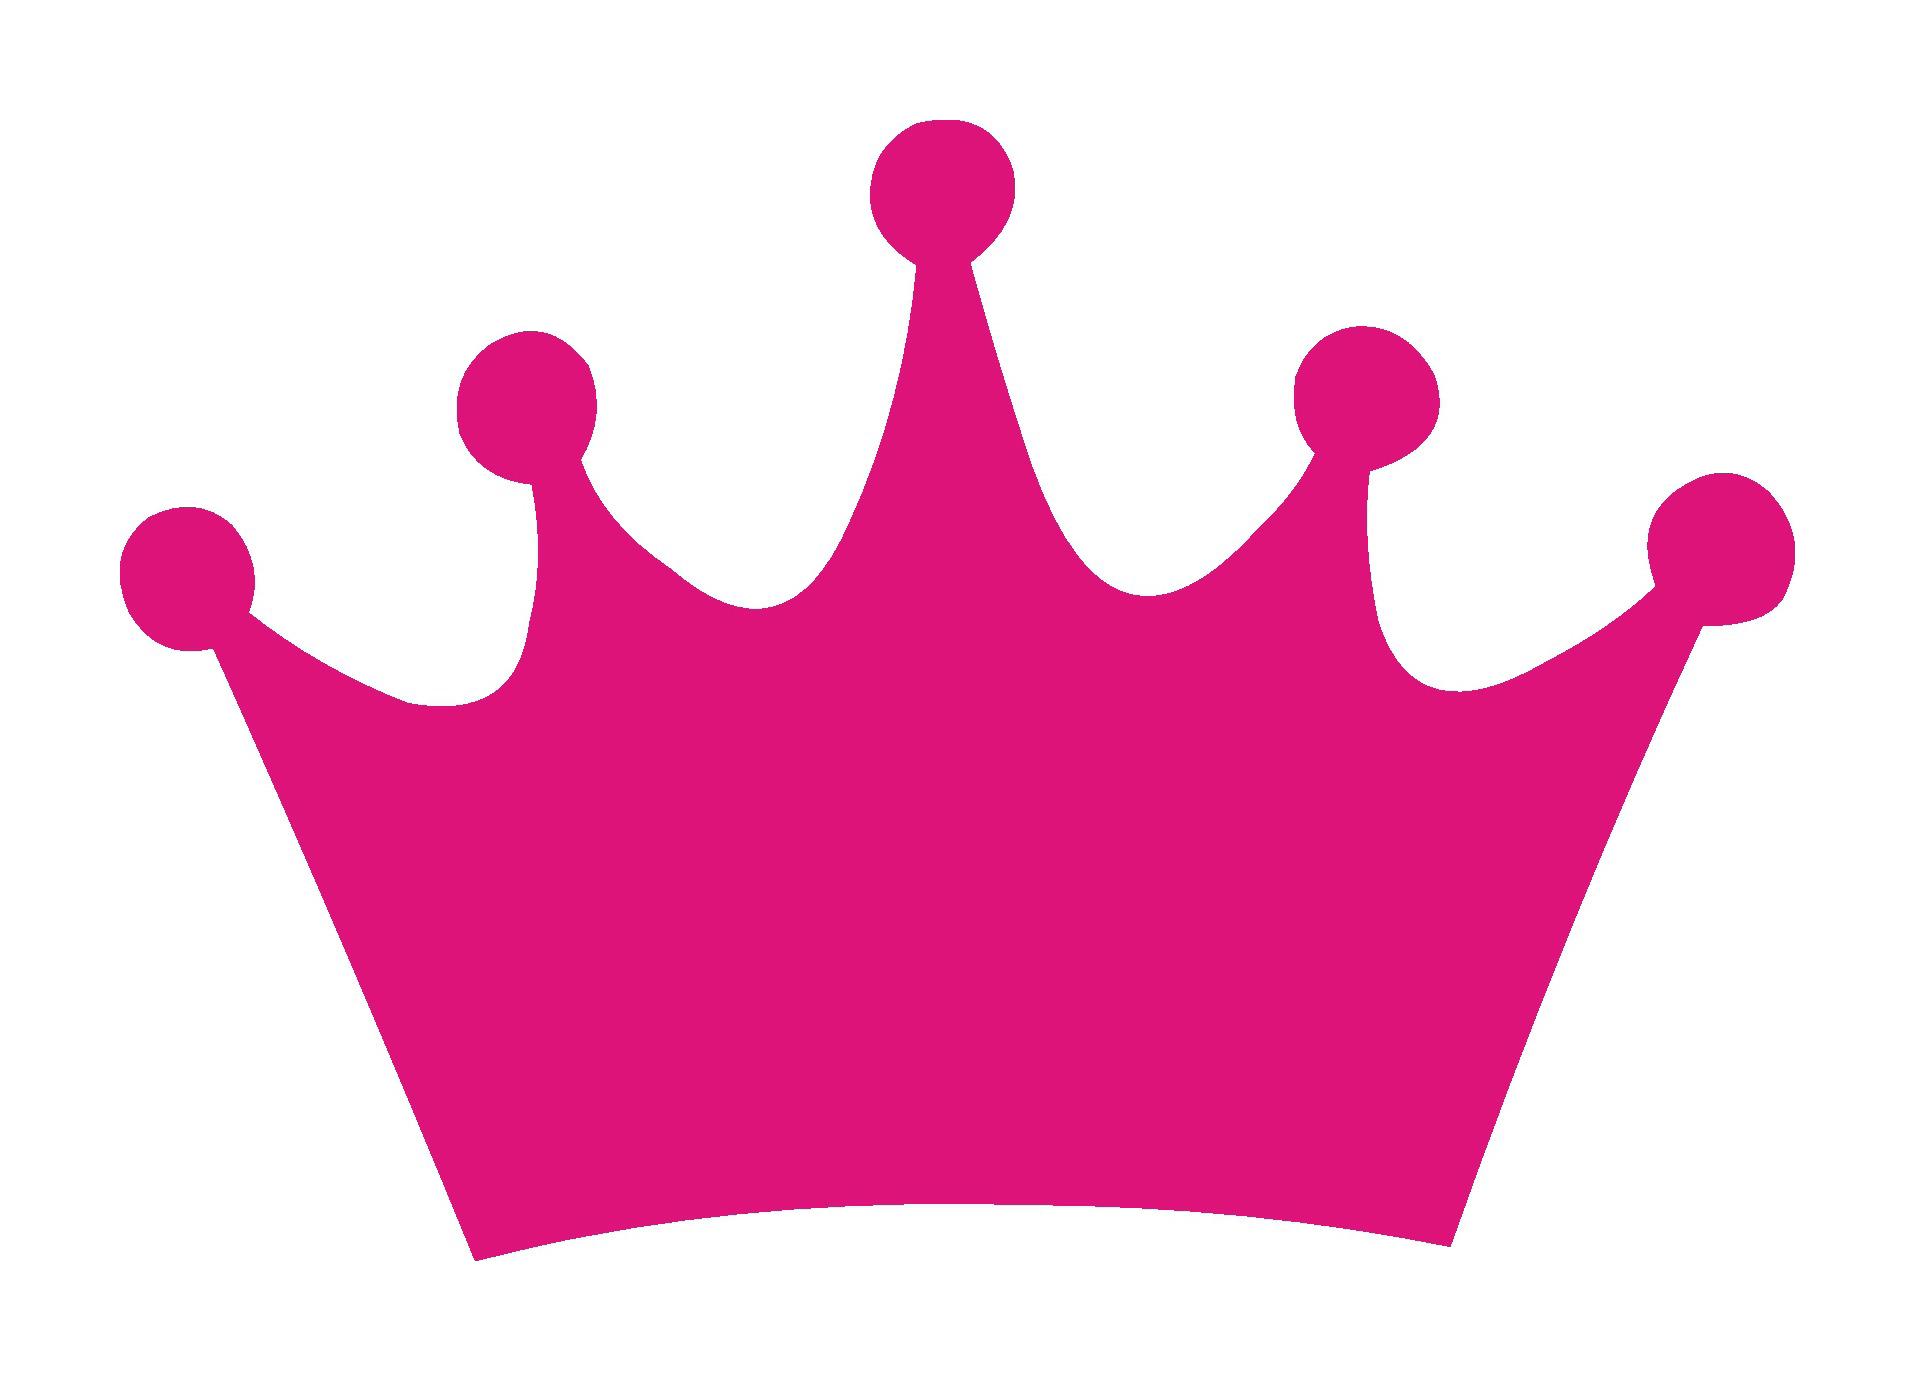 Coroa De Princesa Desenho: Pin De Islaine Pinheiro Em Lu